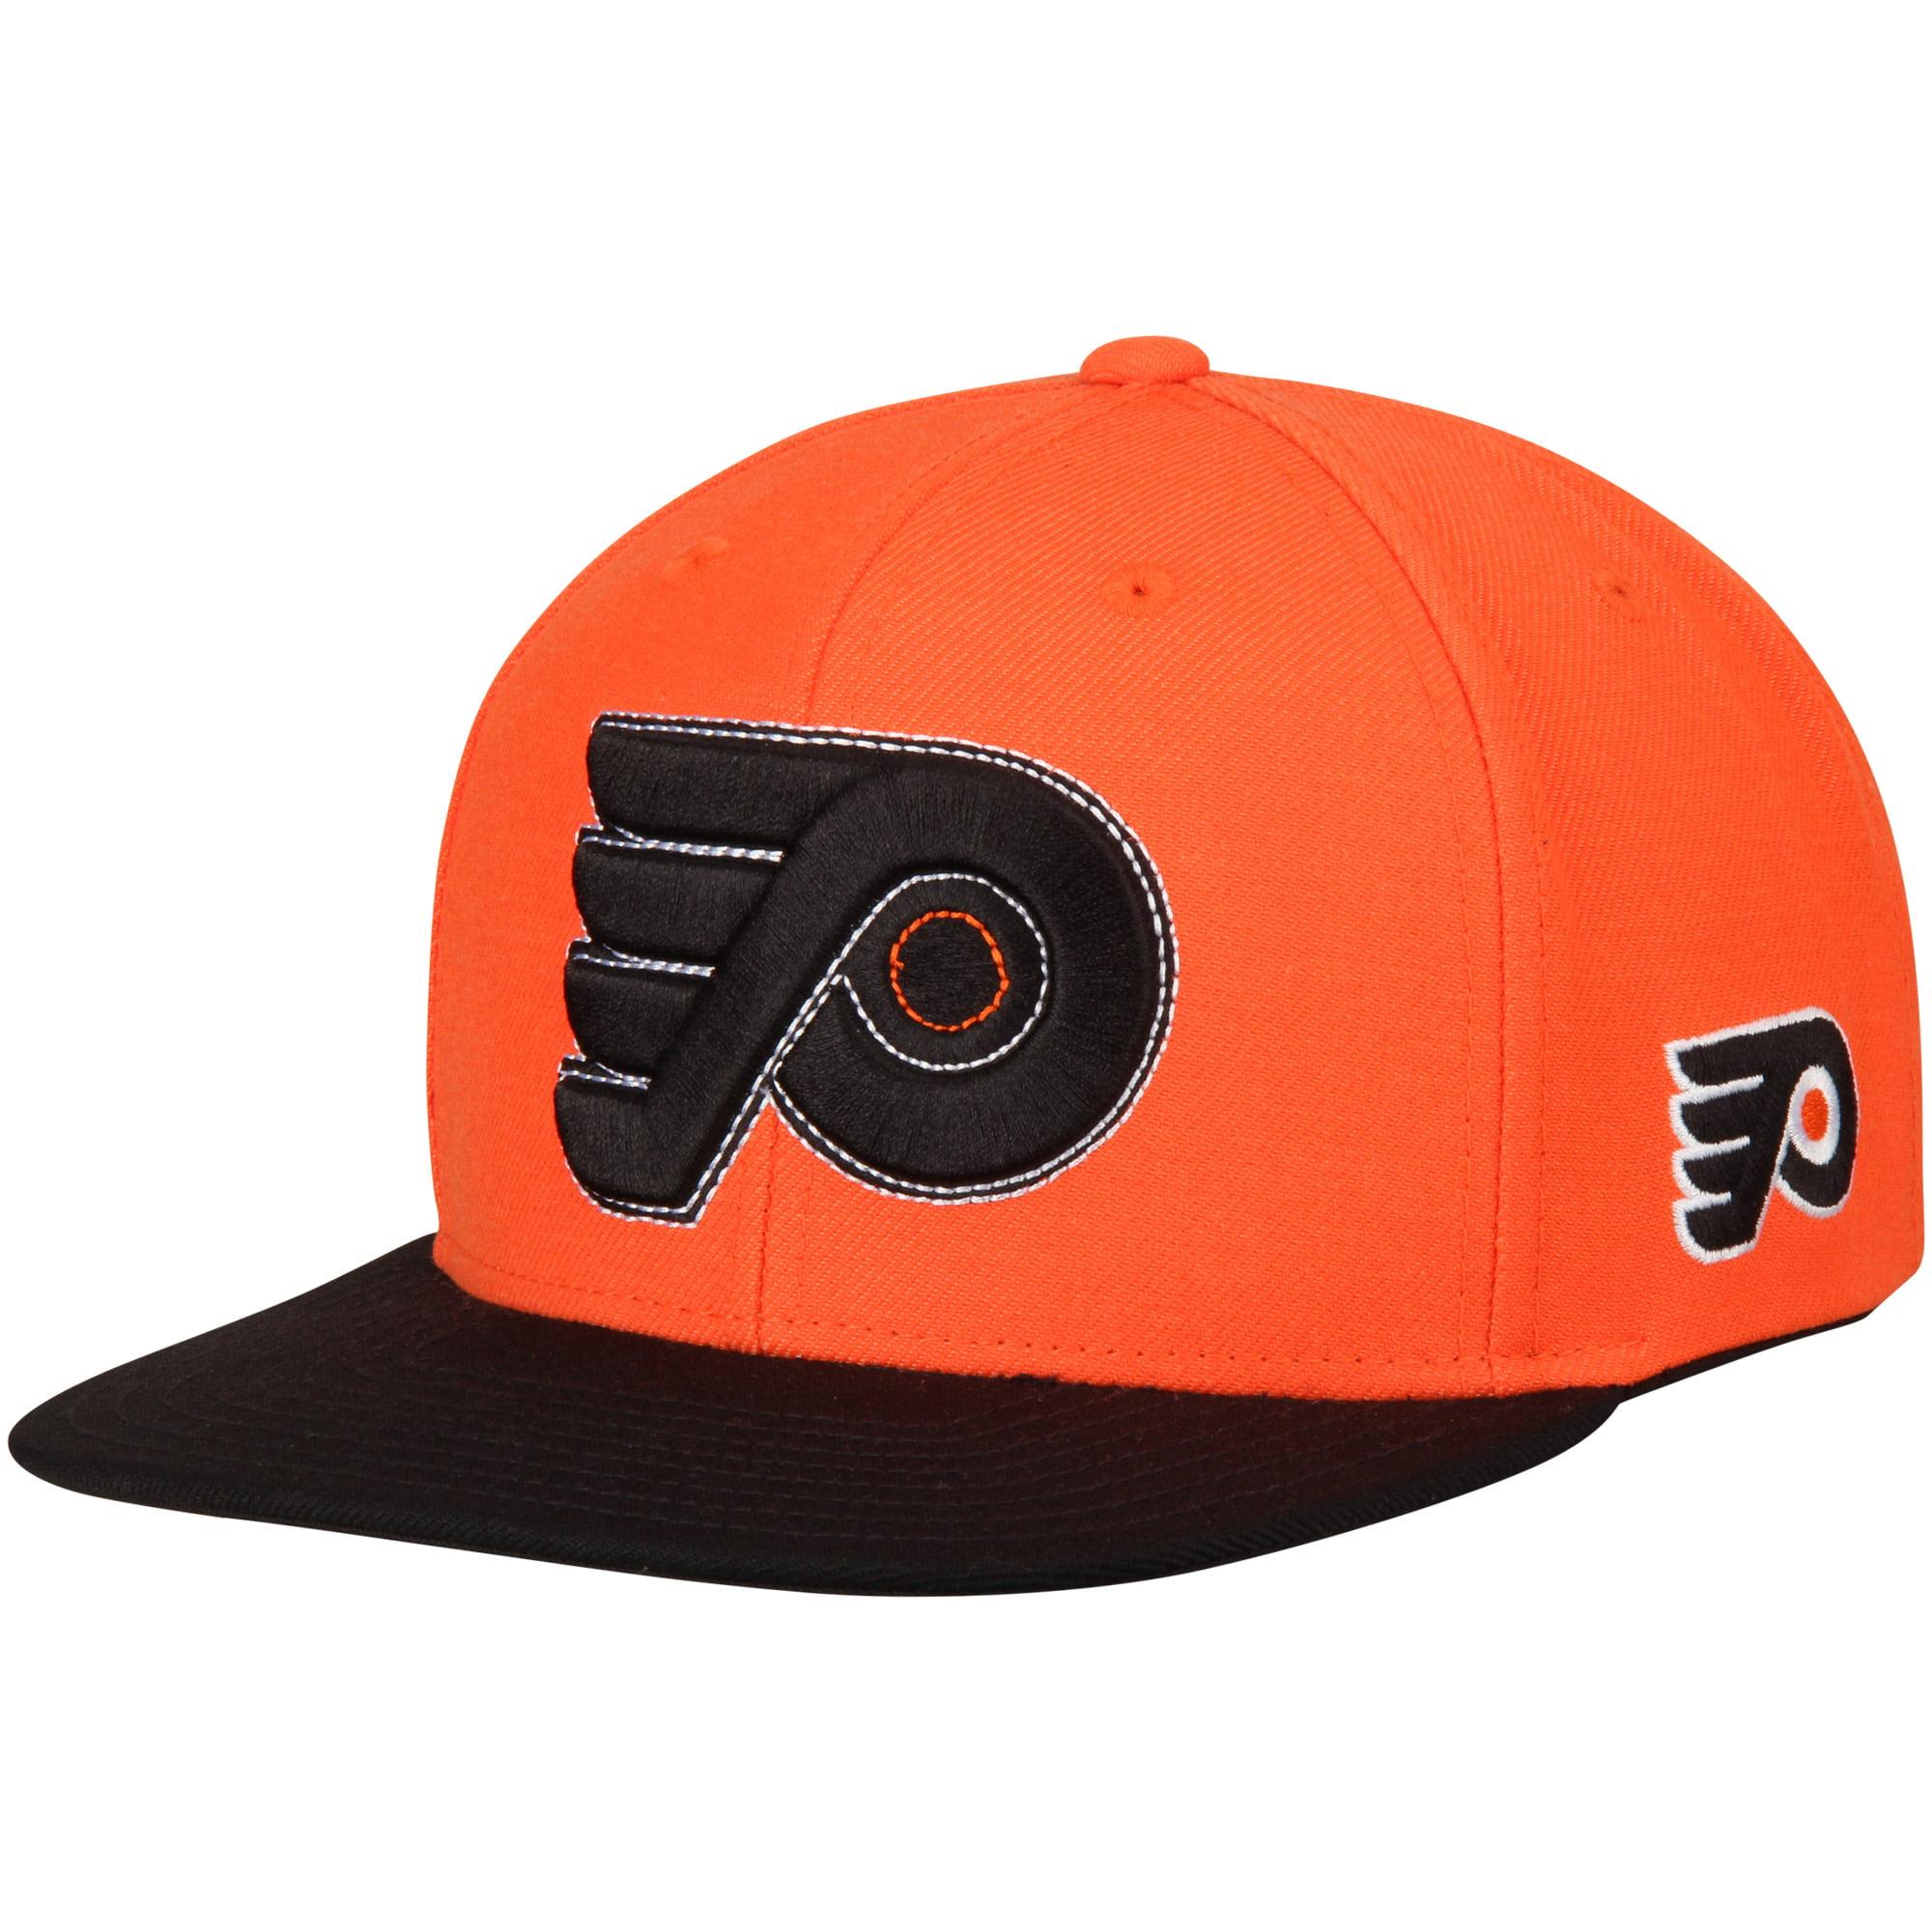 Philadelphia Flyers Reebok Two-Tone Adjustable Snapback Hat - Orange/Black - OSFA